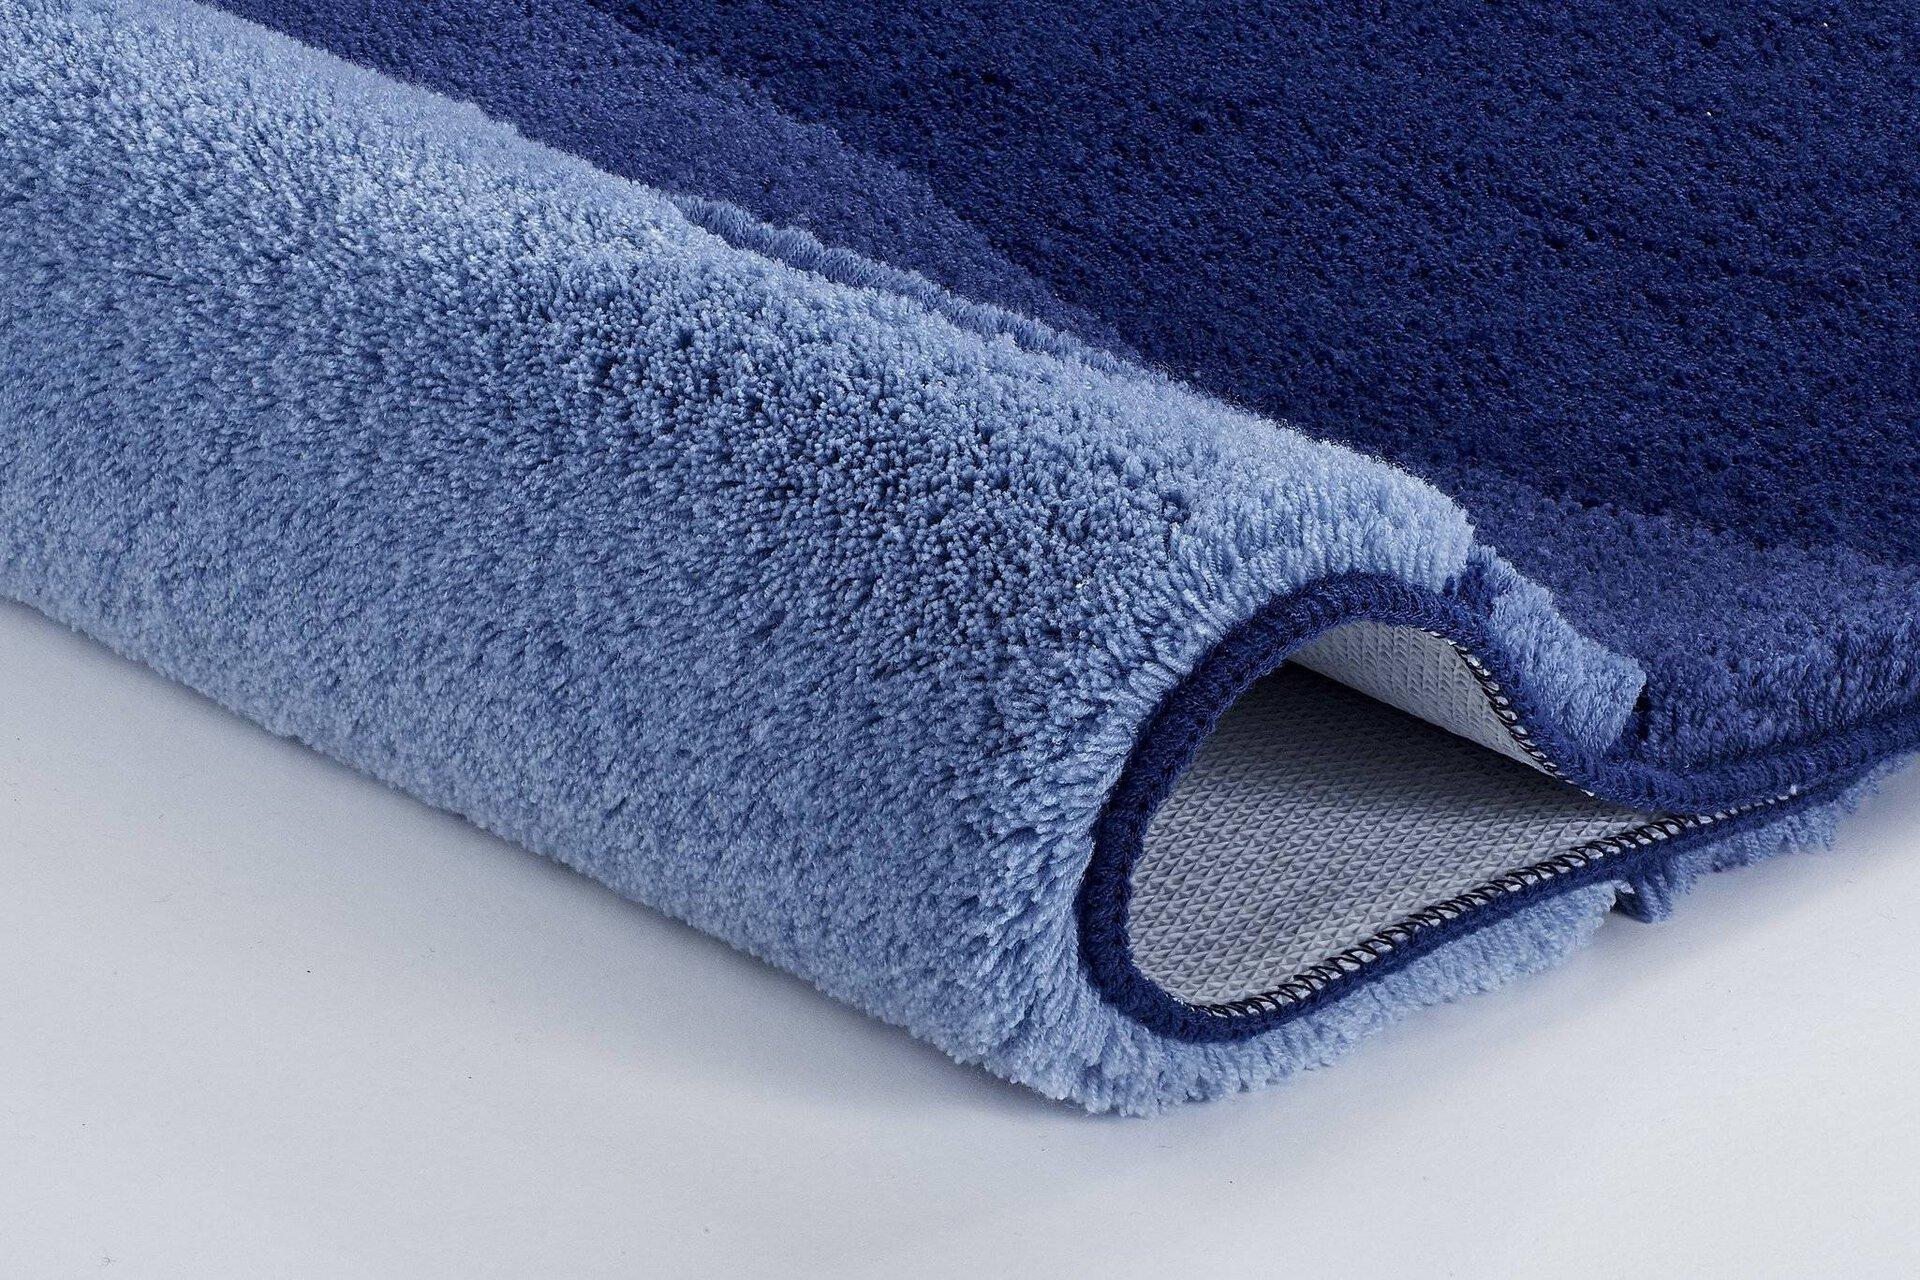 Badteppich Siesta Kleine Wolke Textil 120 x 3 x 70 cm